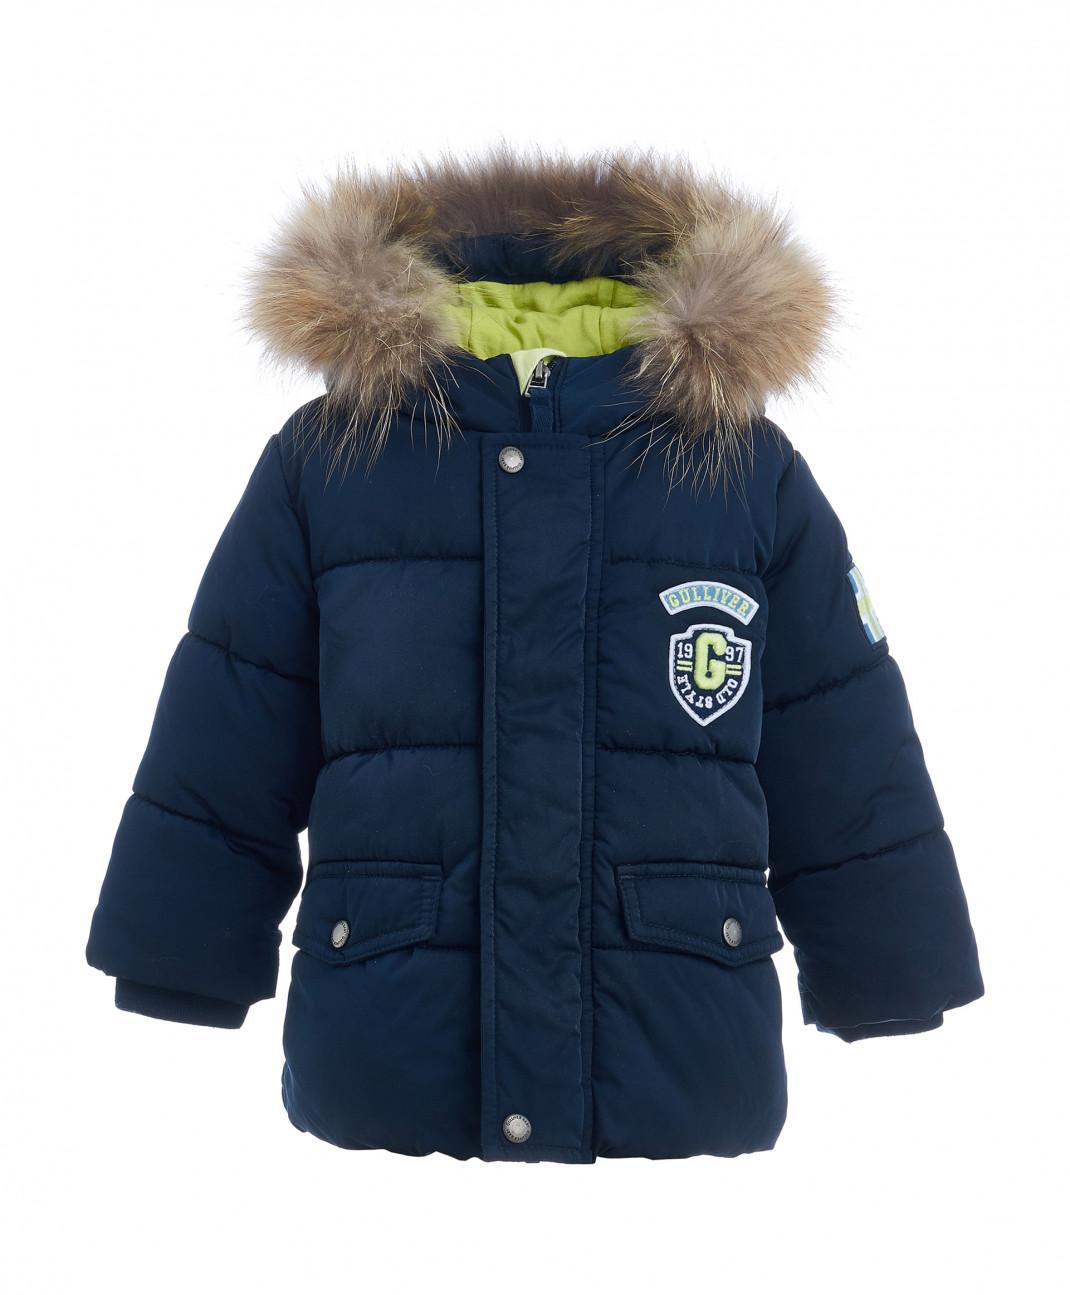 Gulliver Baby Синяя зимняя куртка Gulliver